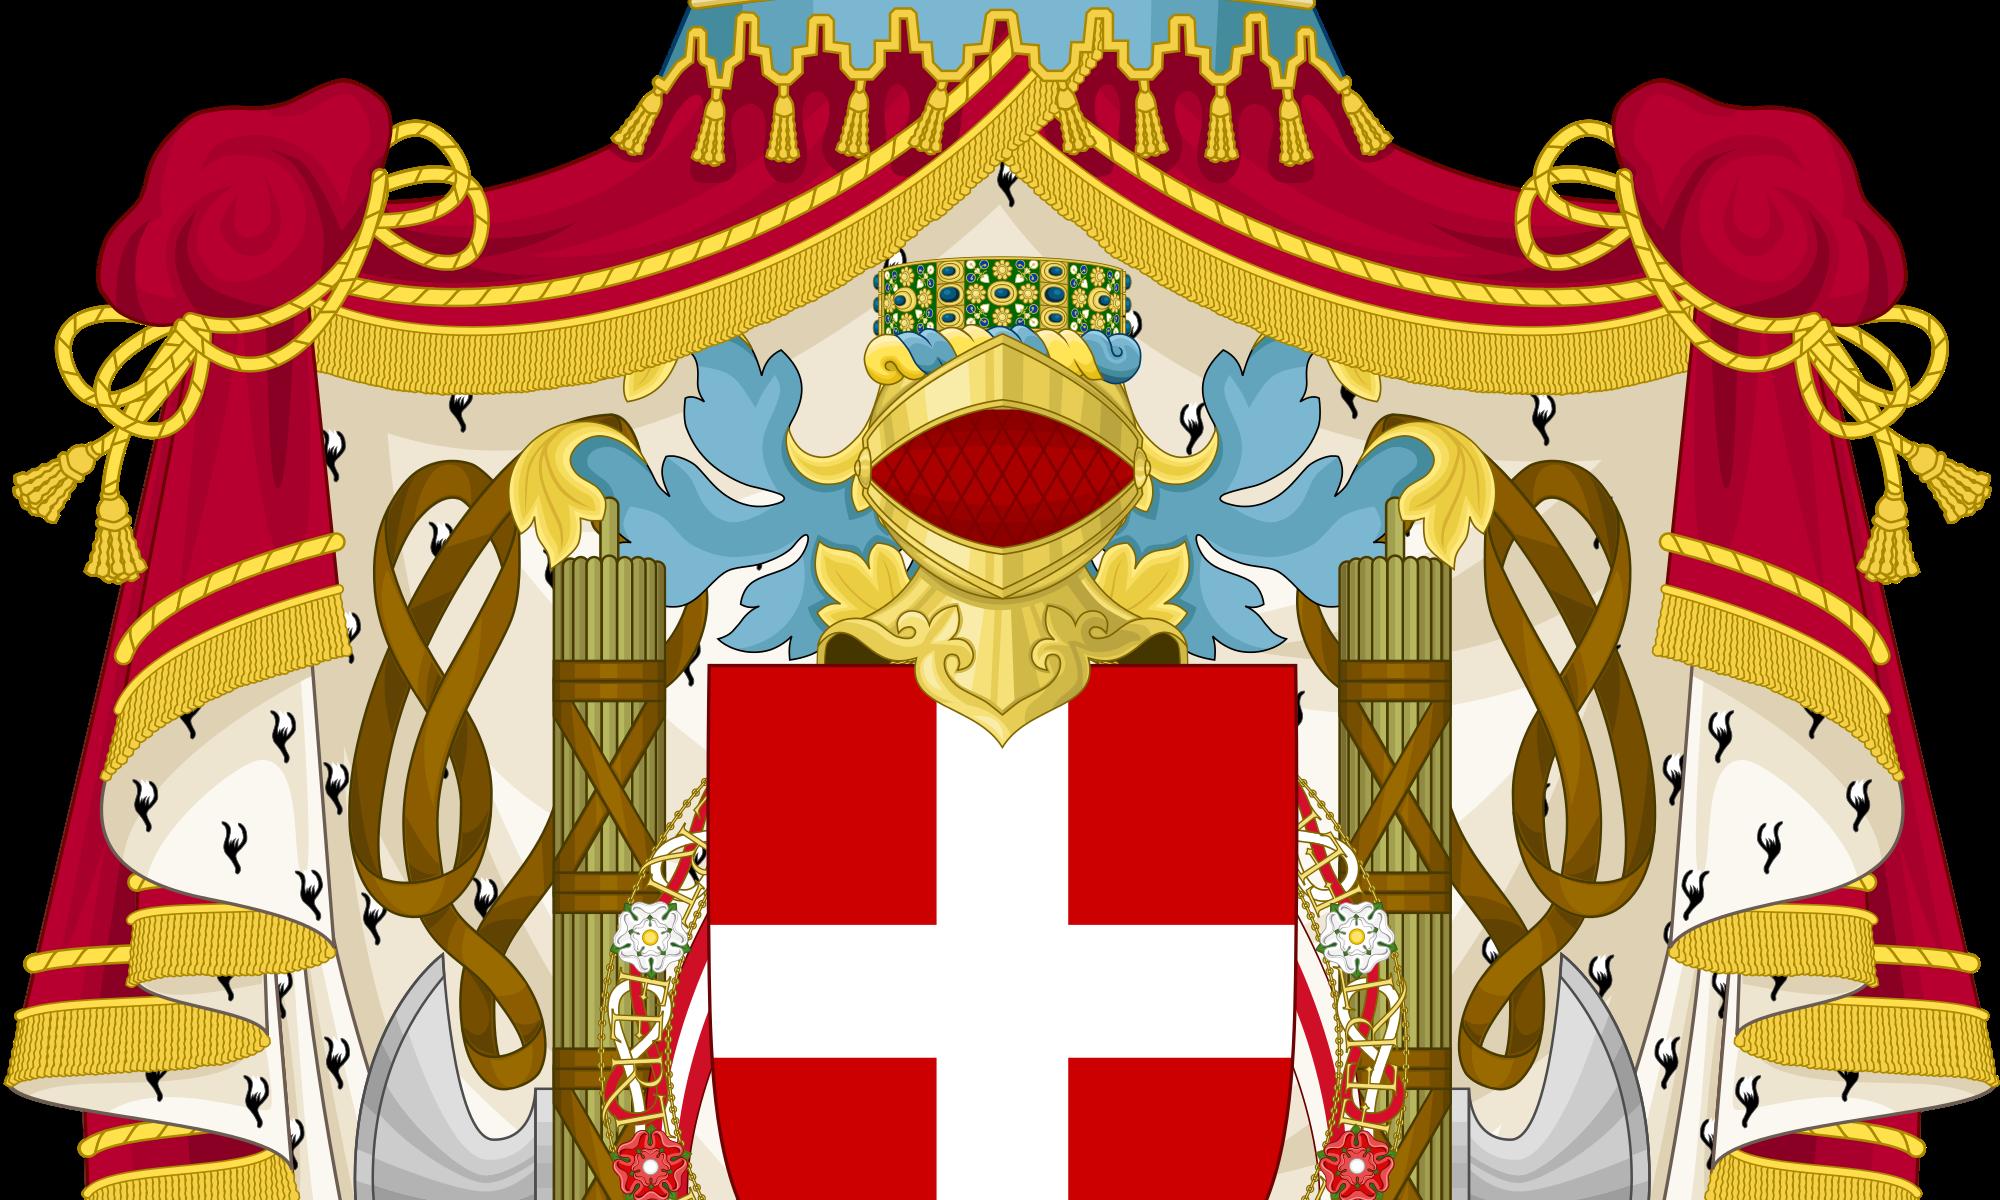 Grande stemma del Regno d'Italia dall'11 aprile 1929 al 26 ottobre 1944